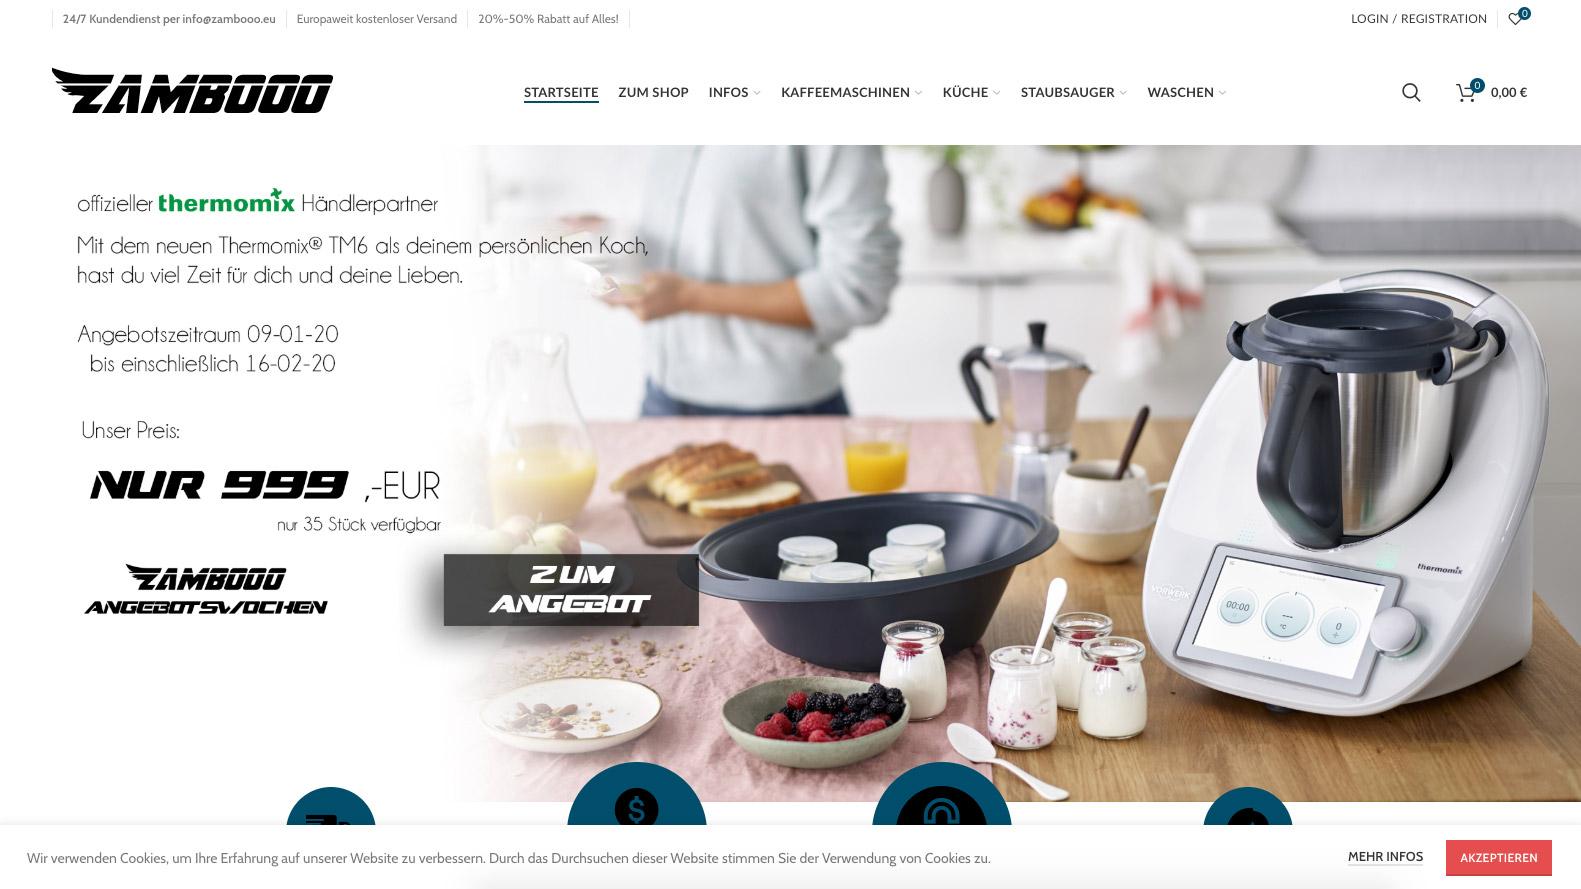 zambooo.eu – Betrügerischer Fake Shop missbraucht Kontaktdaten von MEWIGO